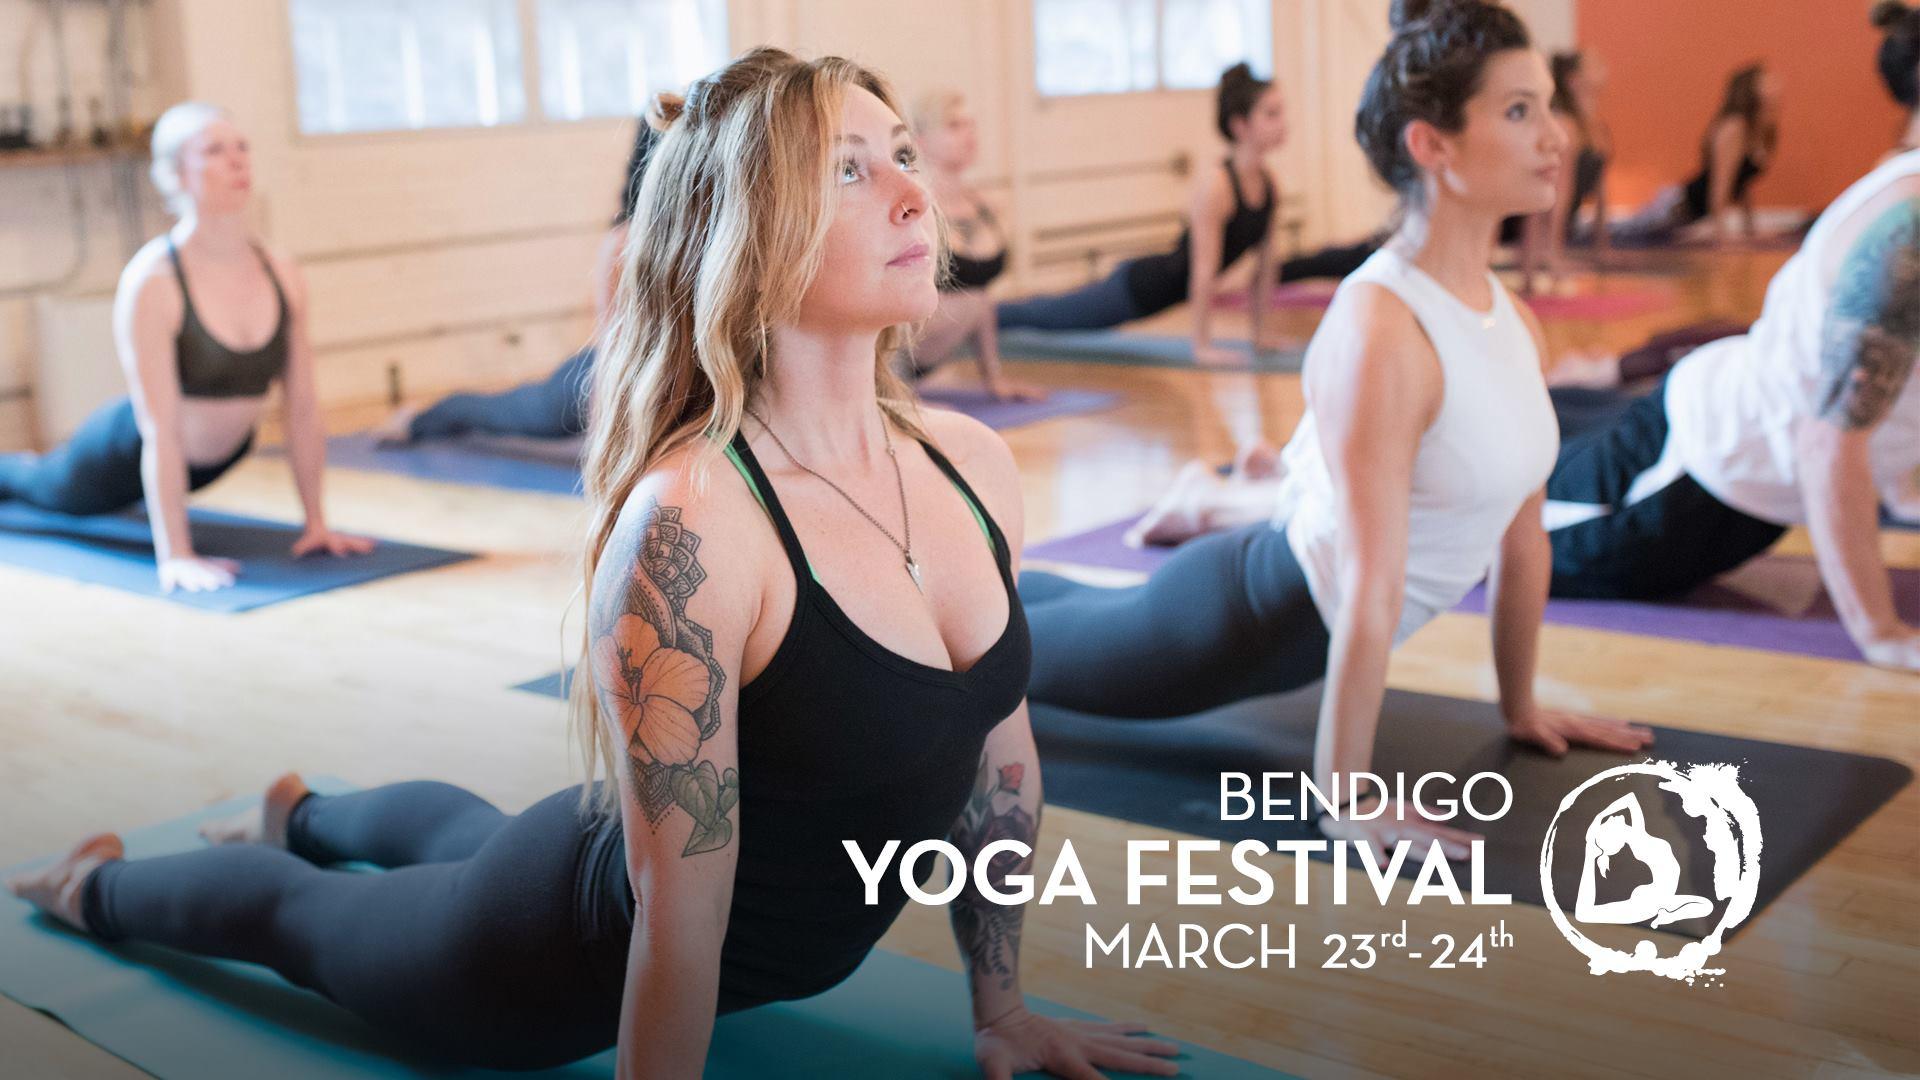 Bgo Yoga Festival.jpg